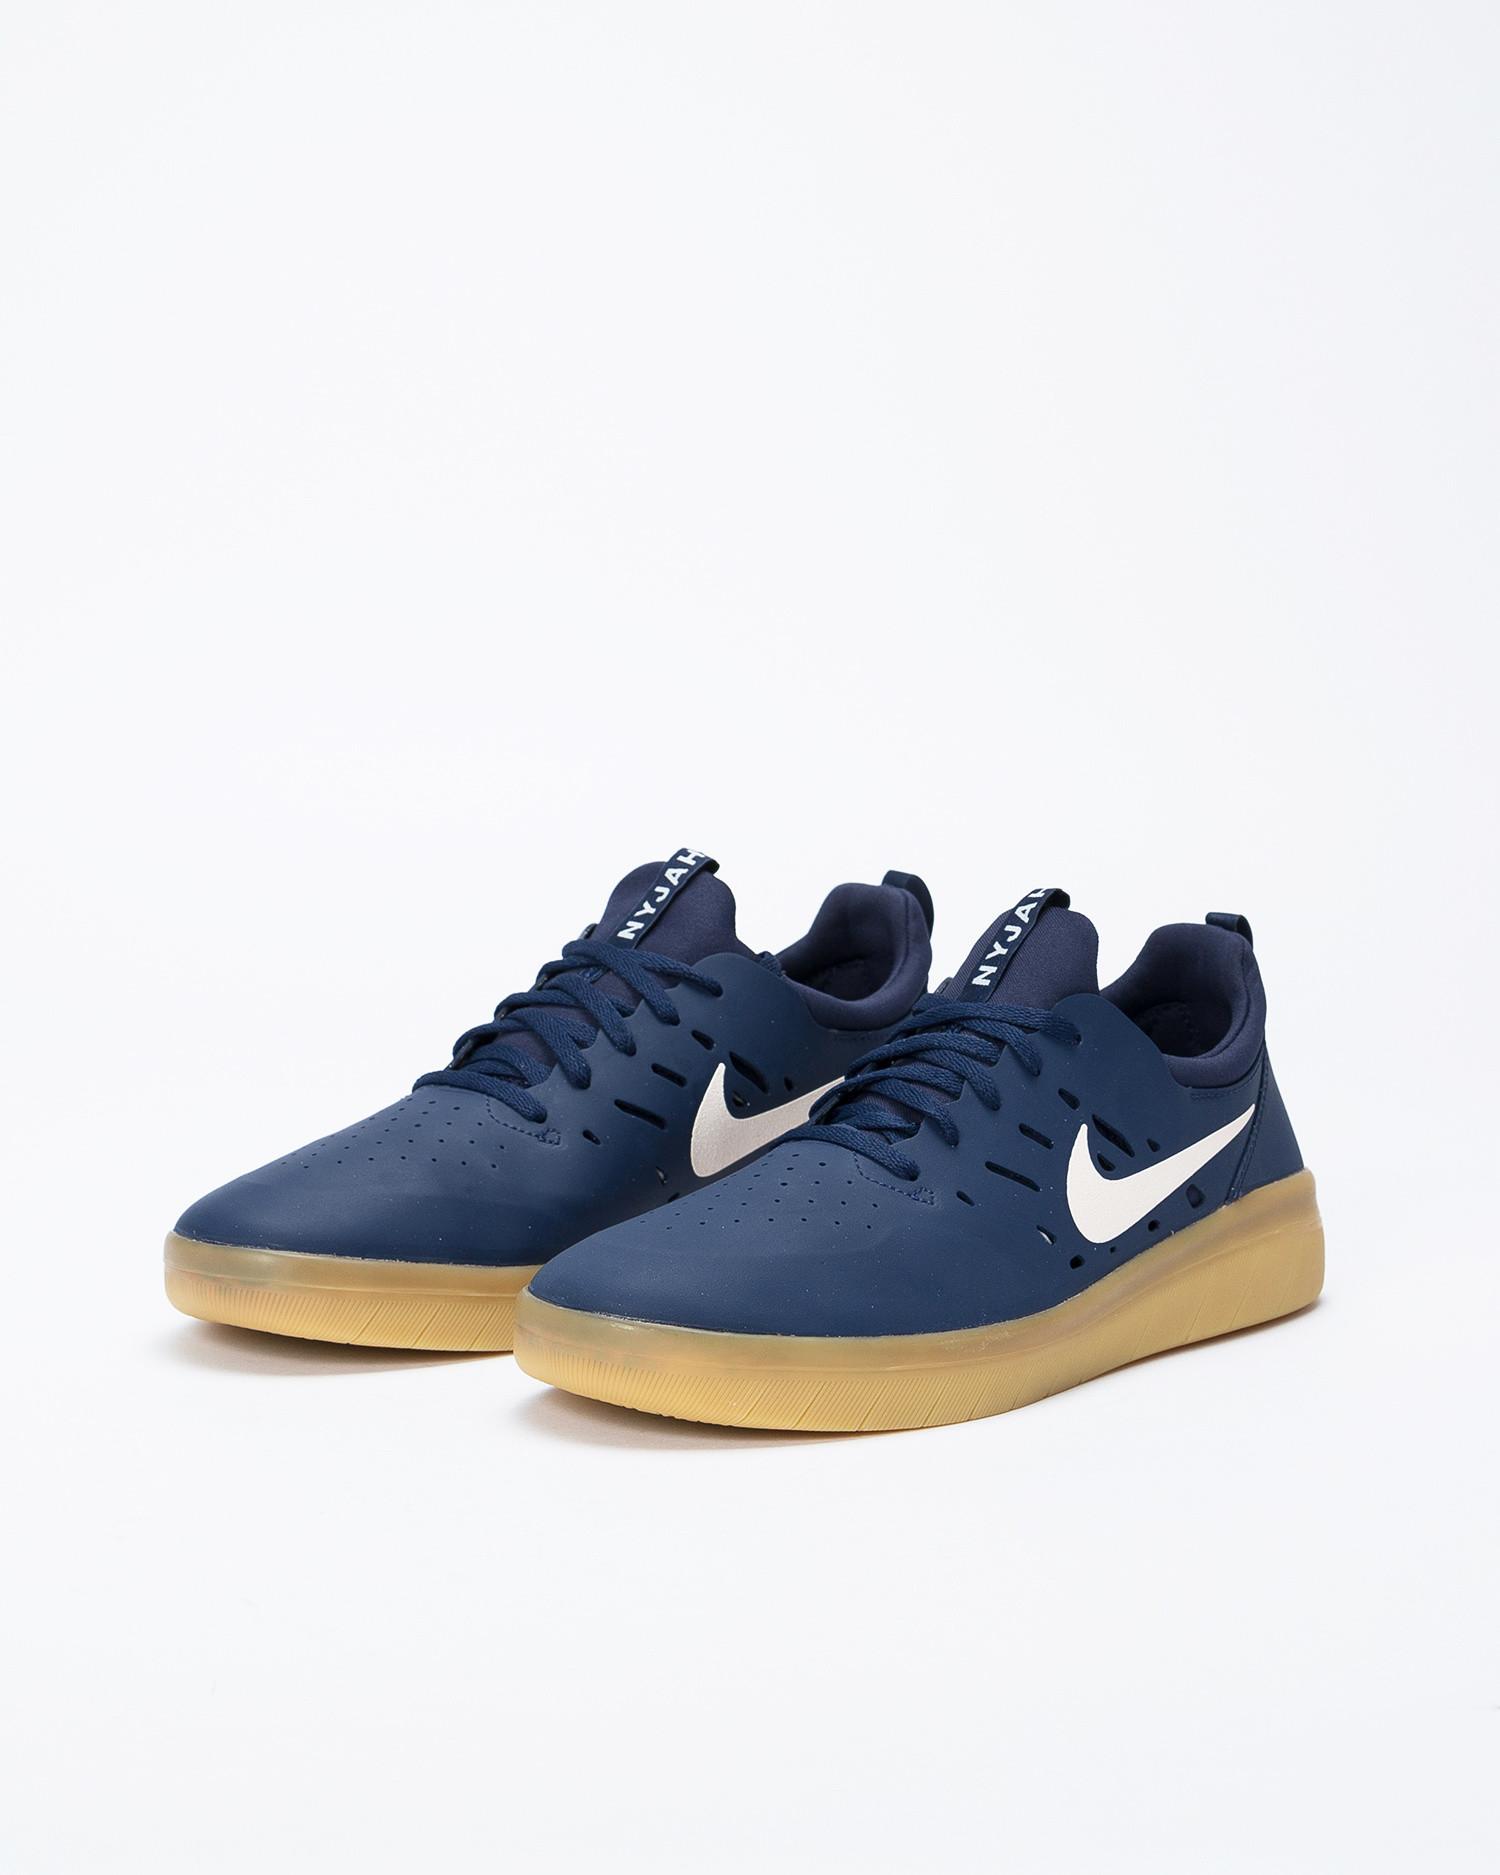 Nike SB Nyjah Free Midnight Navy/Summit White-Midnight Navy